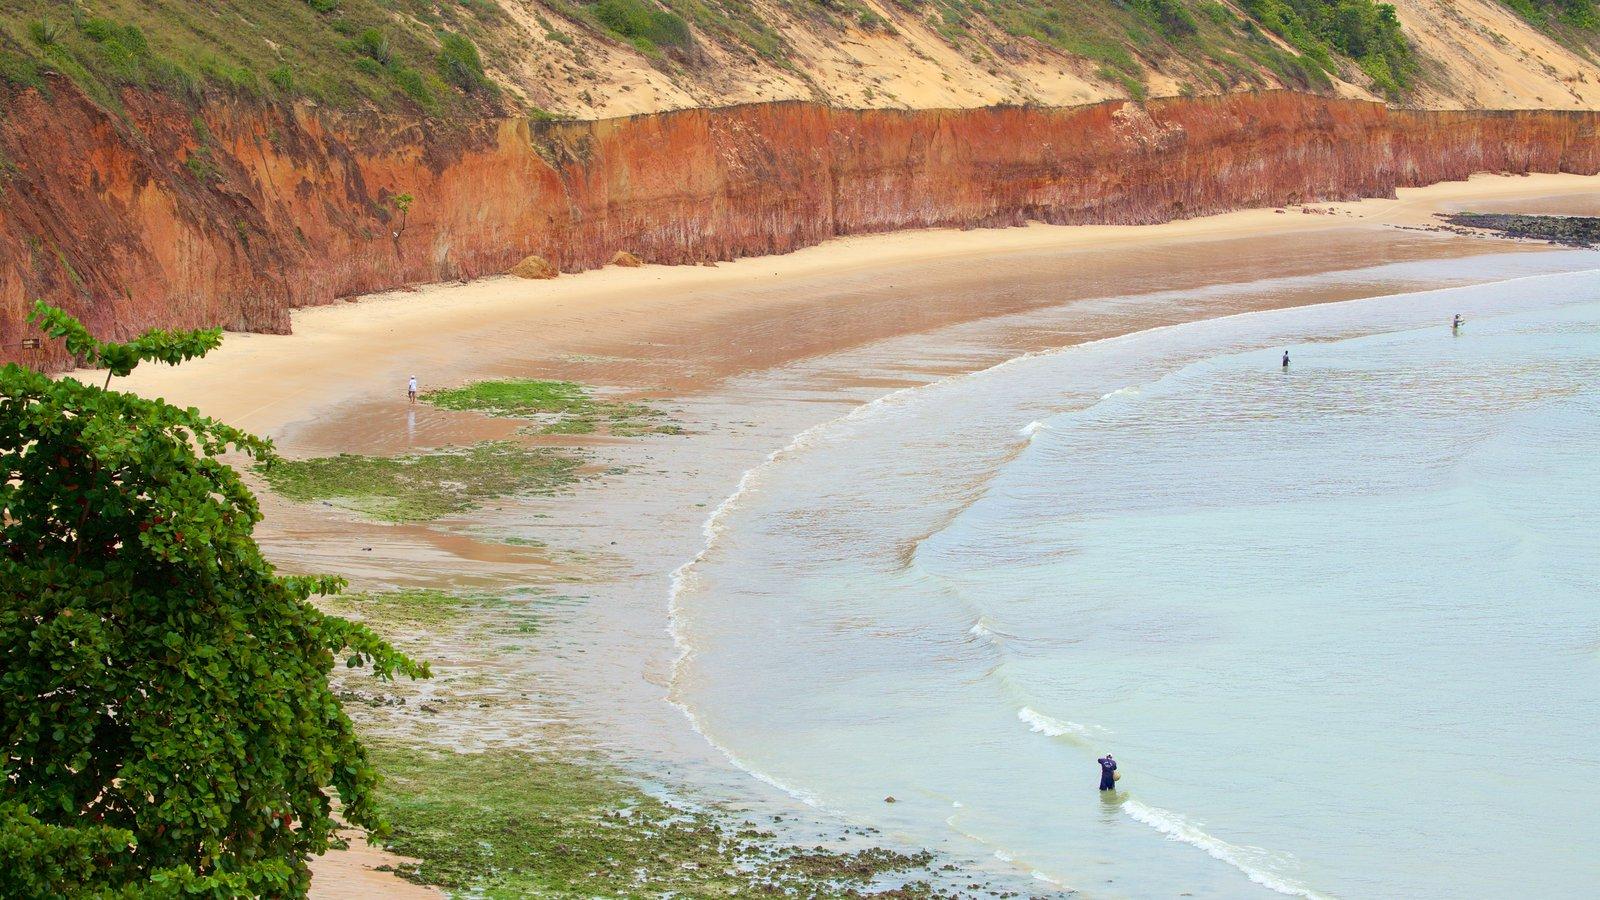 Baía Formosa mostrando paisagens litorâneas e uma praia